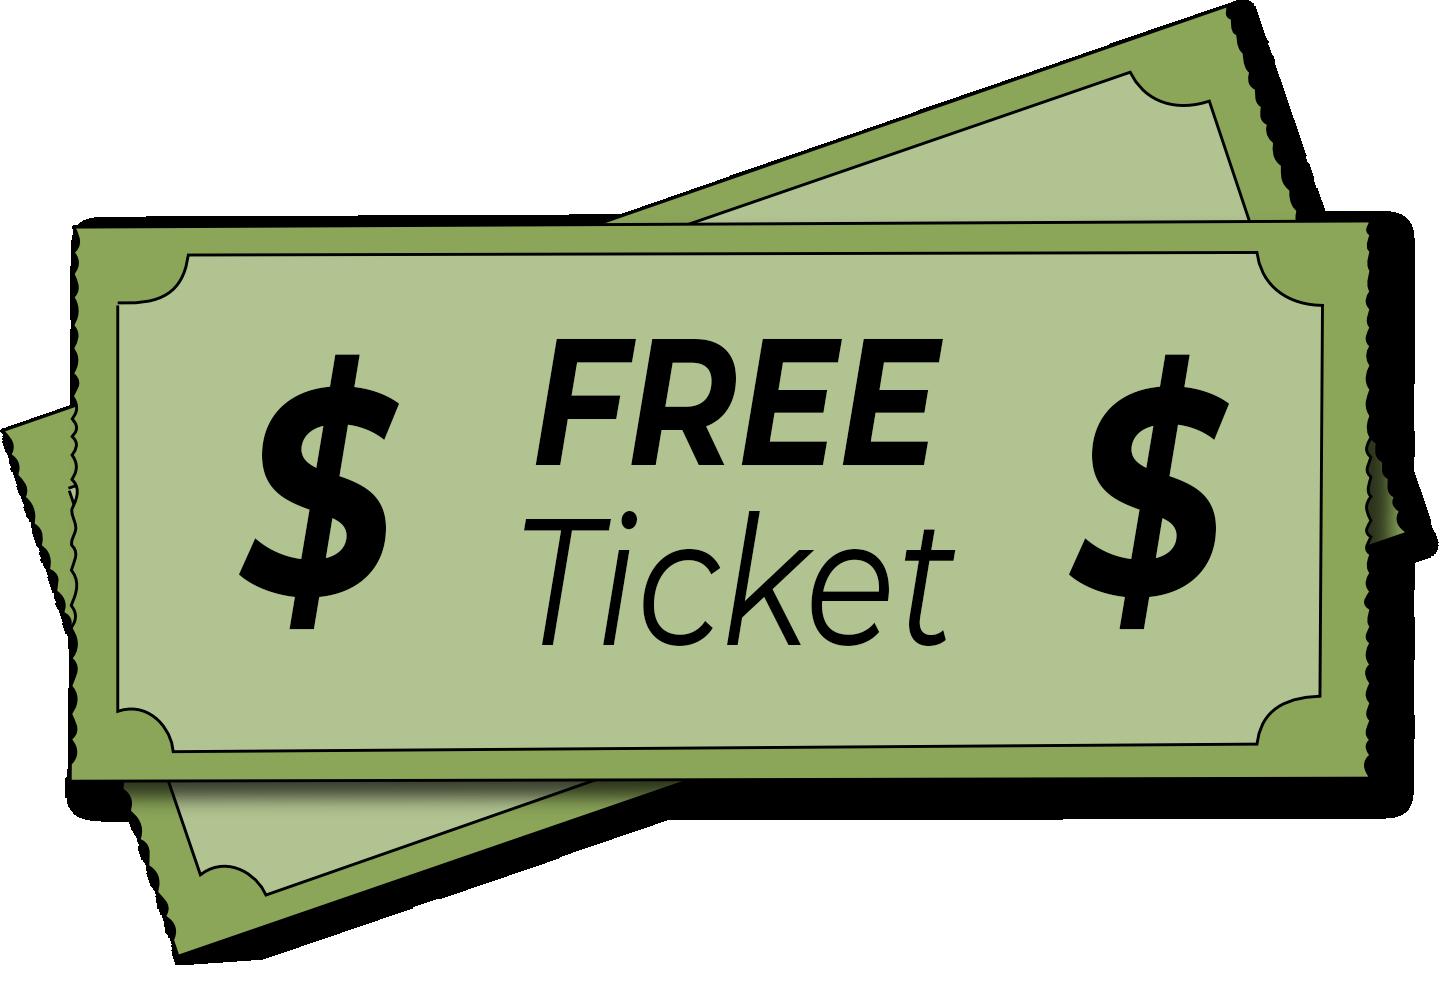 Free Brainathon Ticket